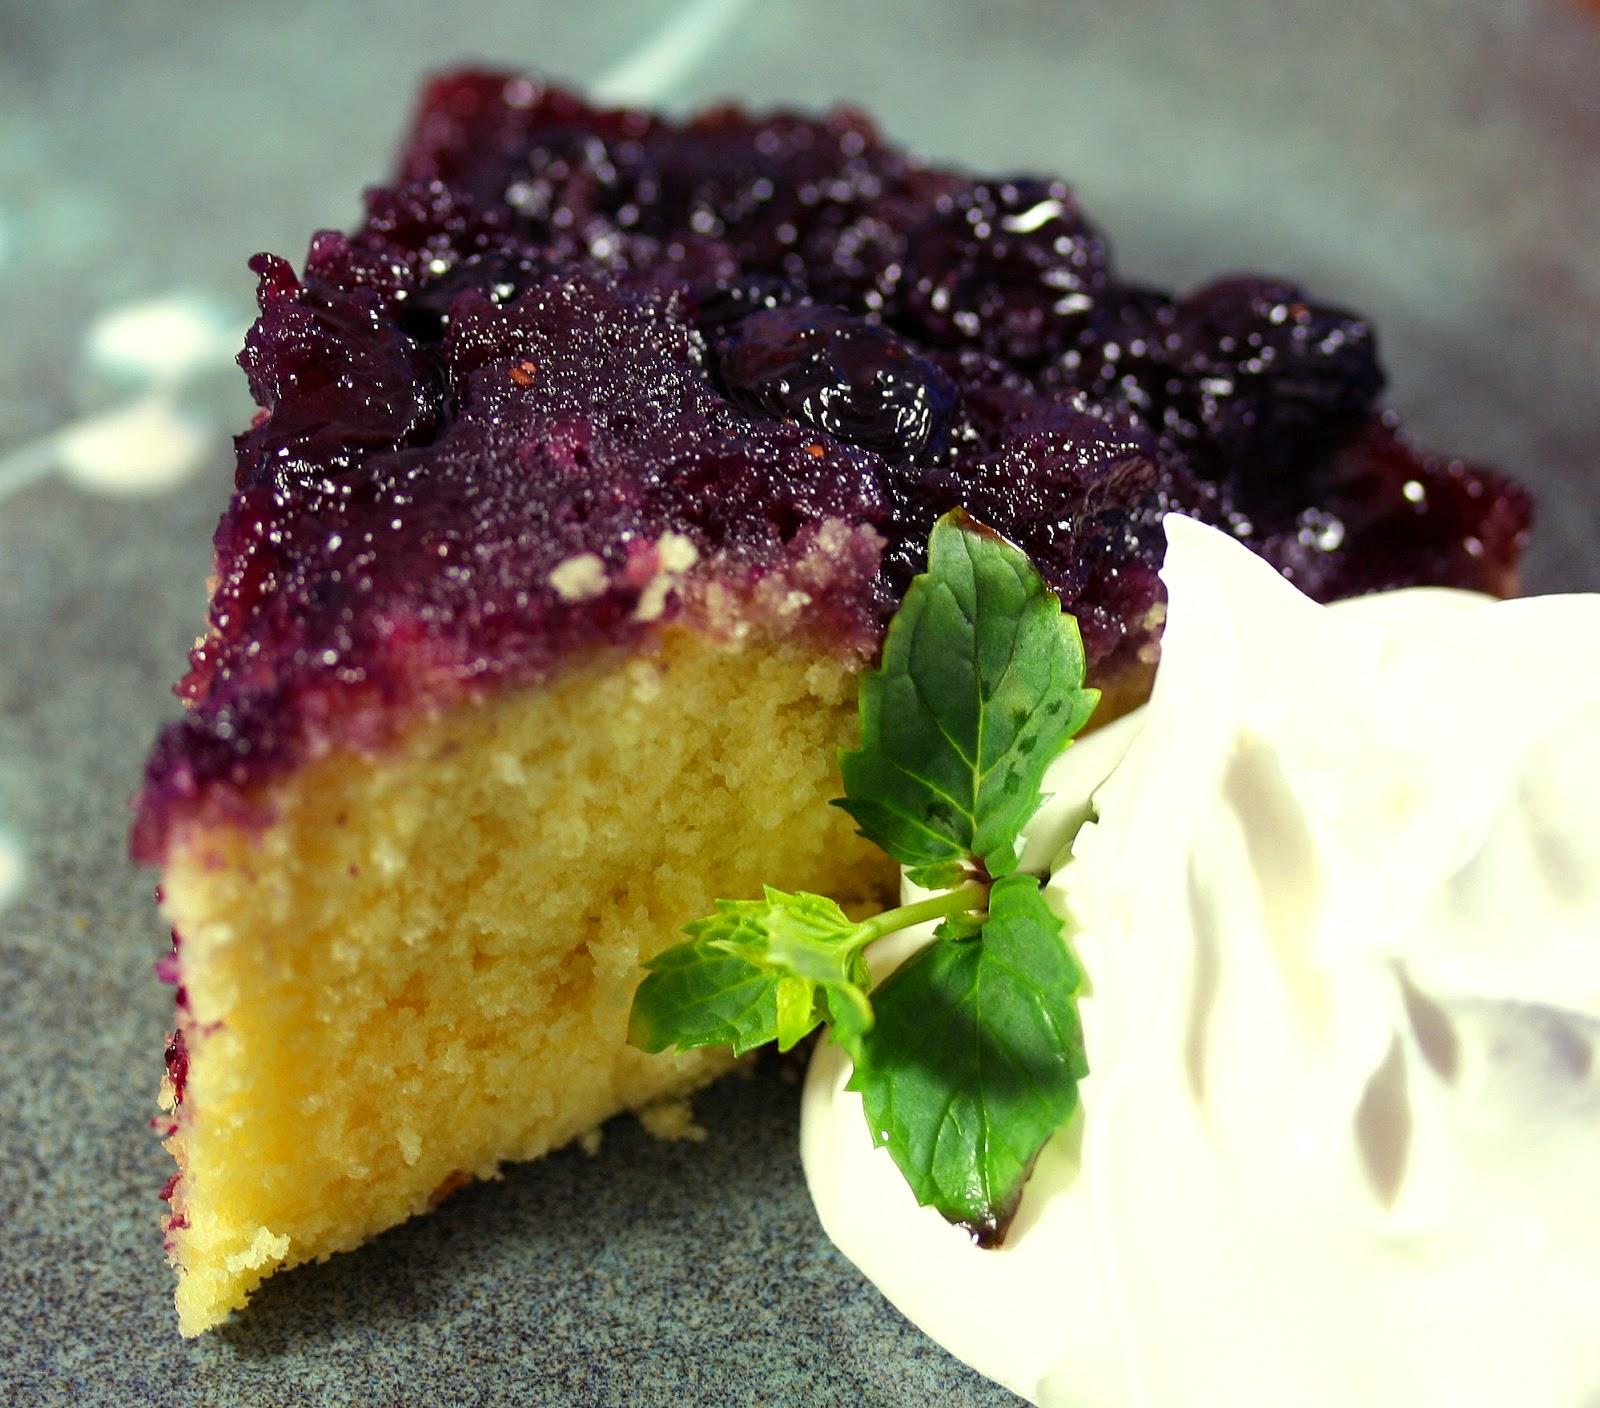 Lemon Blueberry Upside Down Cake From Bon Appetit